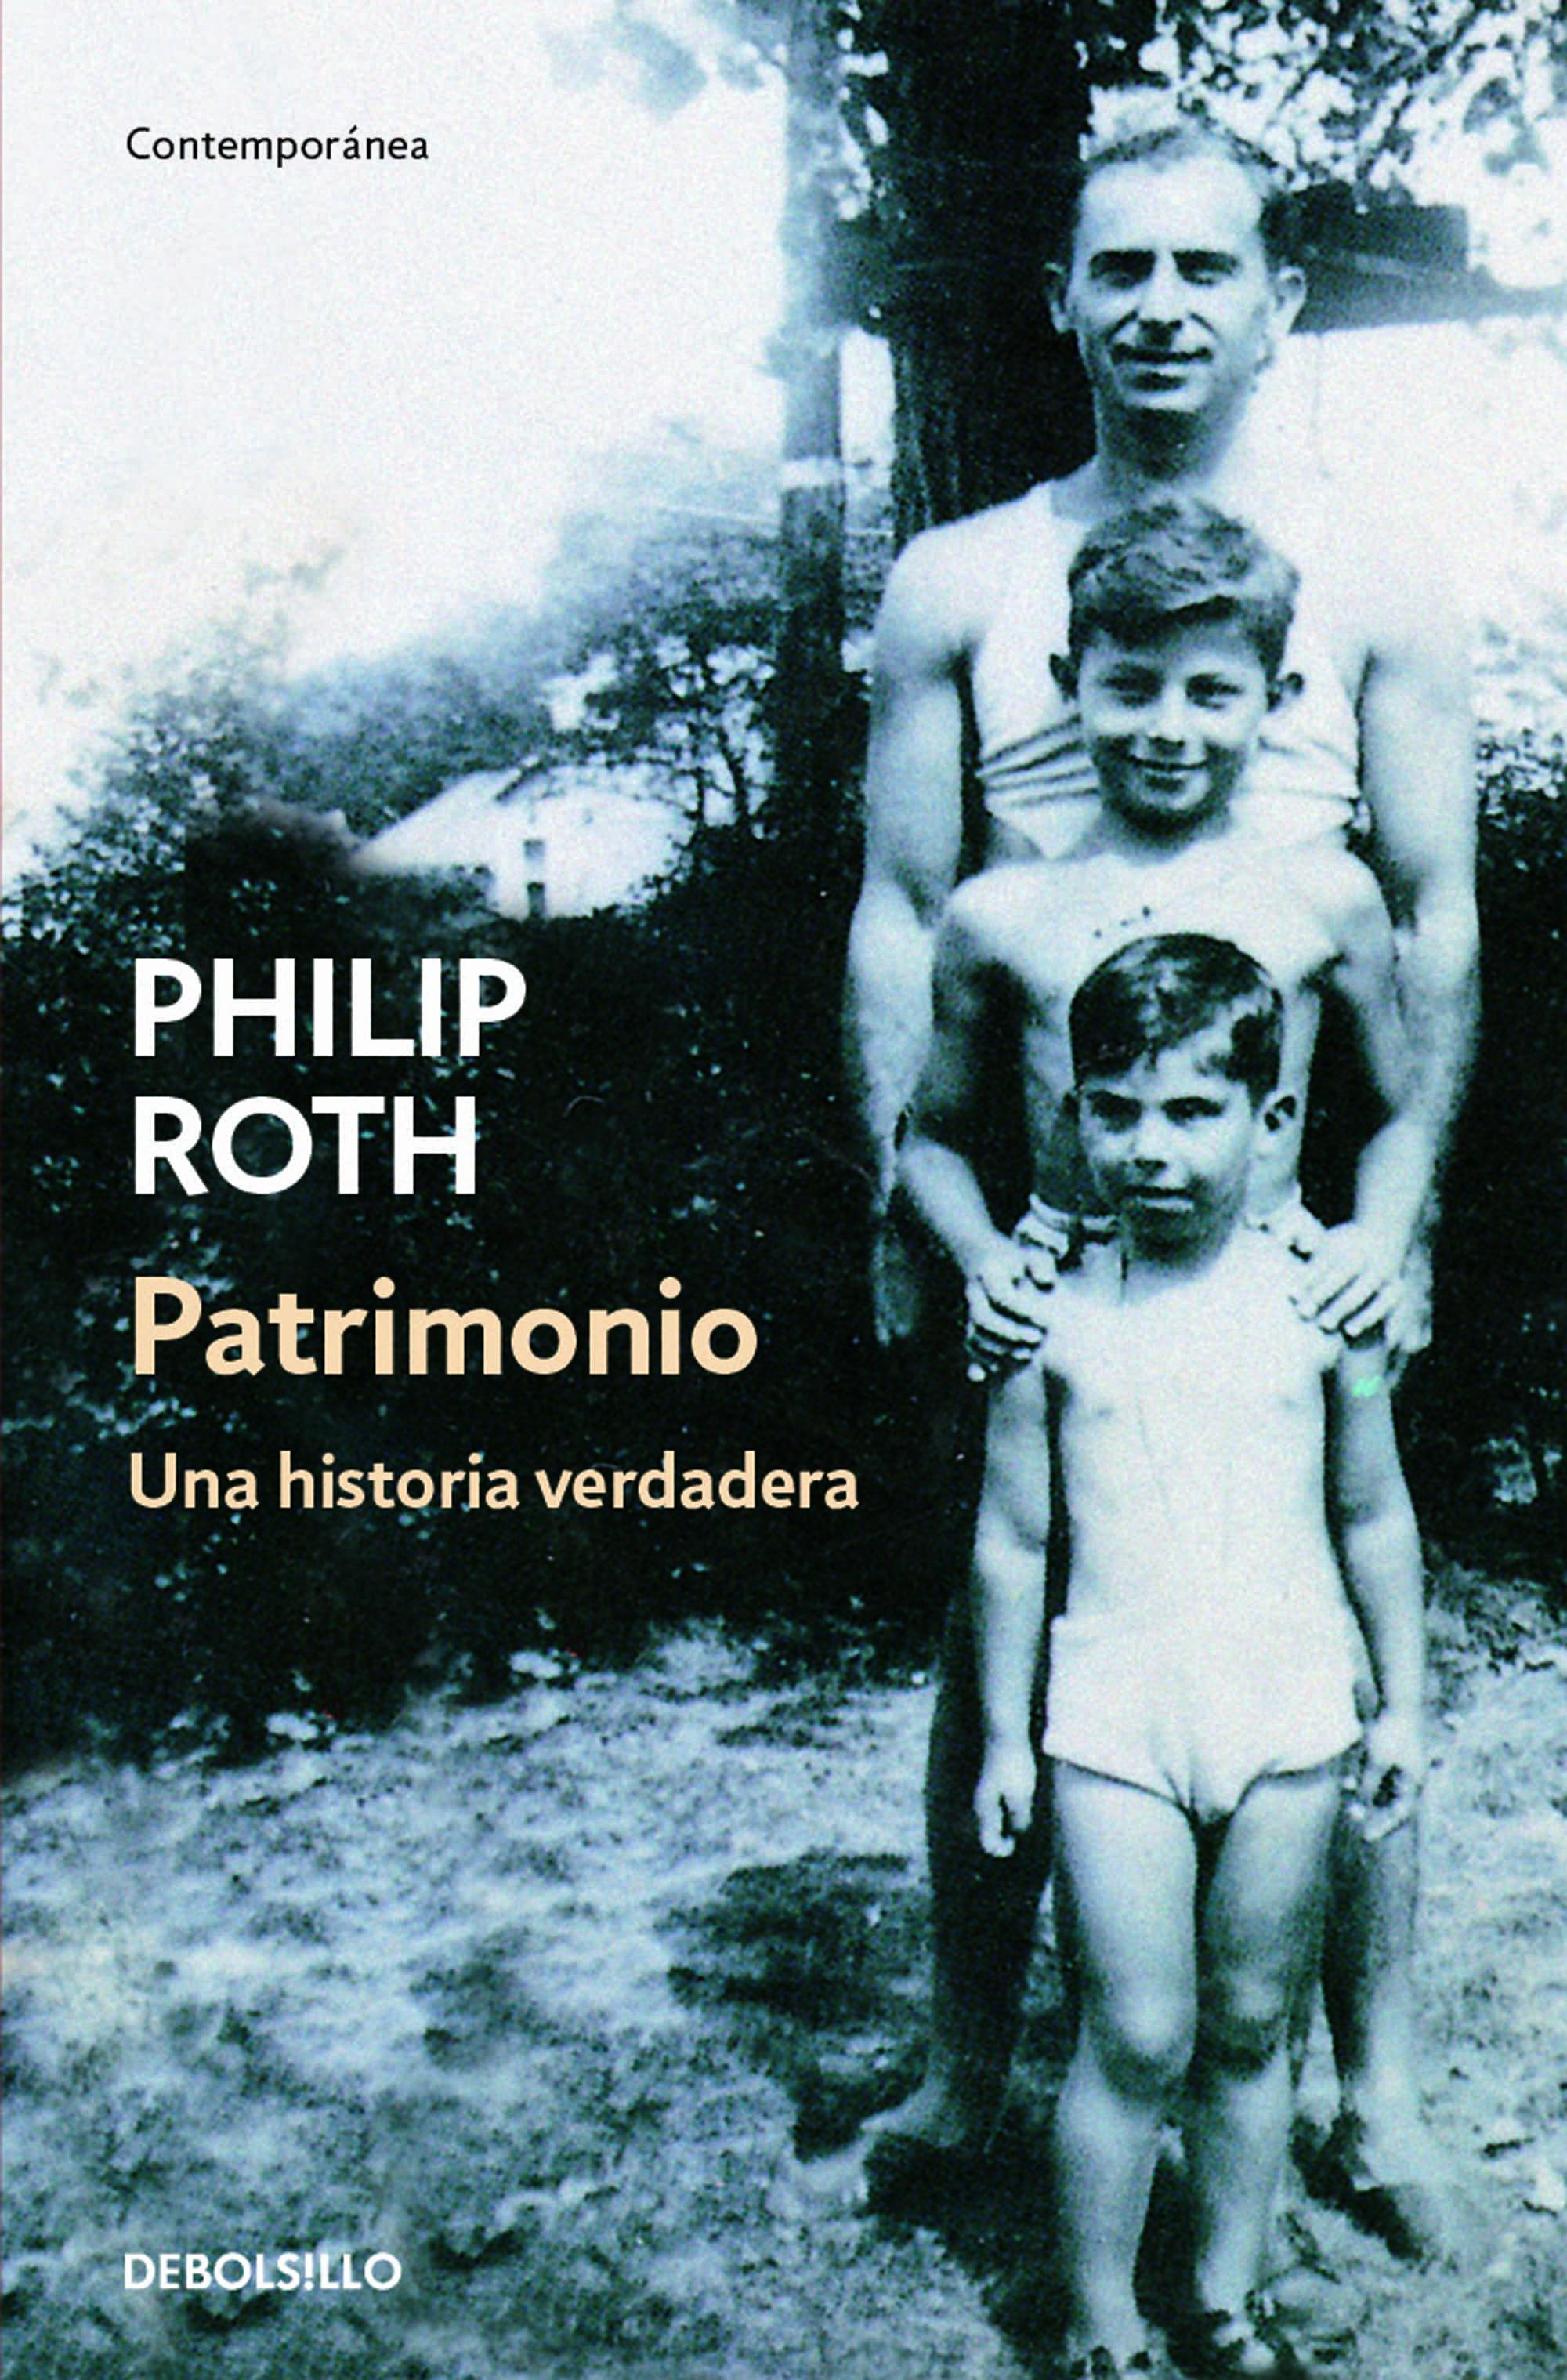 Patrimonio (ebook)philip Roth9788490327593